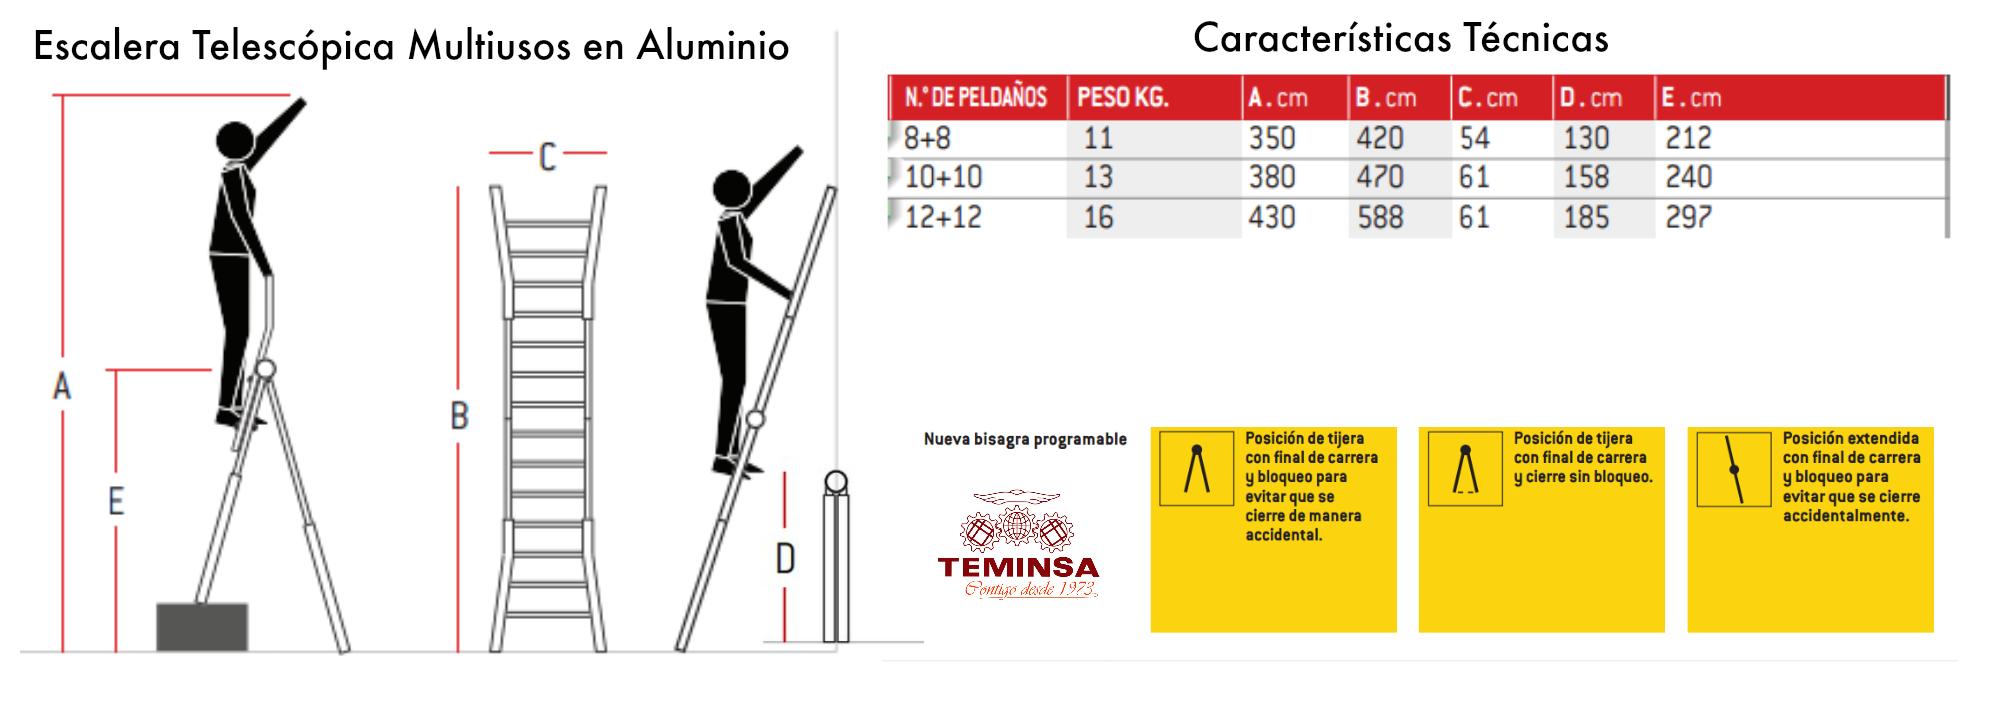 Escalera Aluminio Teléscopica Multiusos Características Técnicas